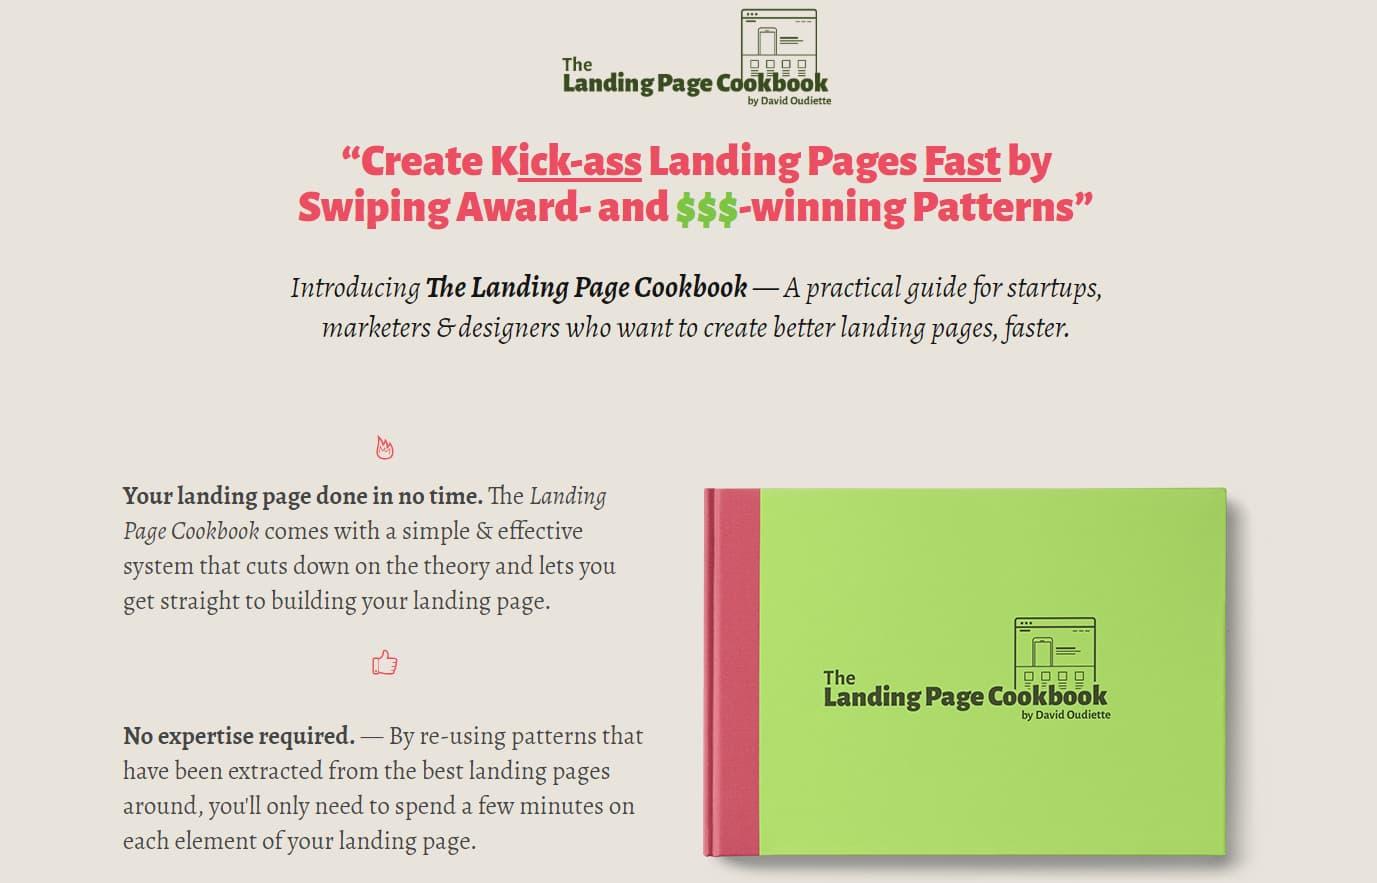 El ebook de recetas para hacer landing pages